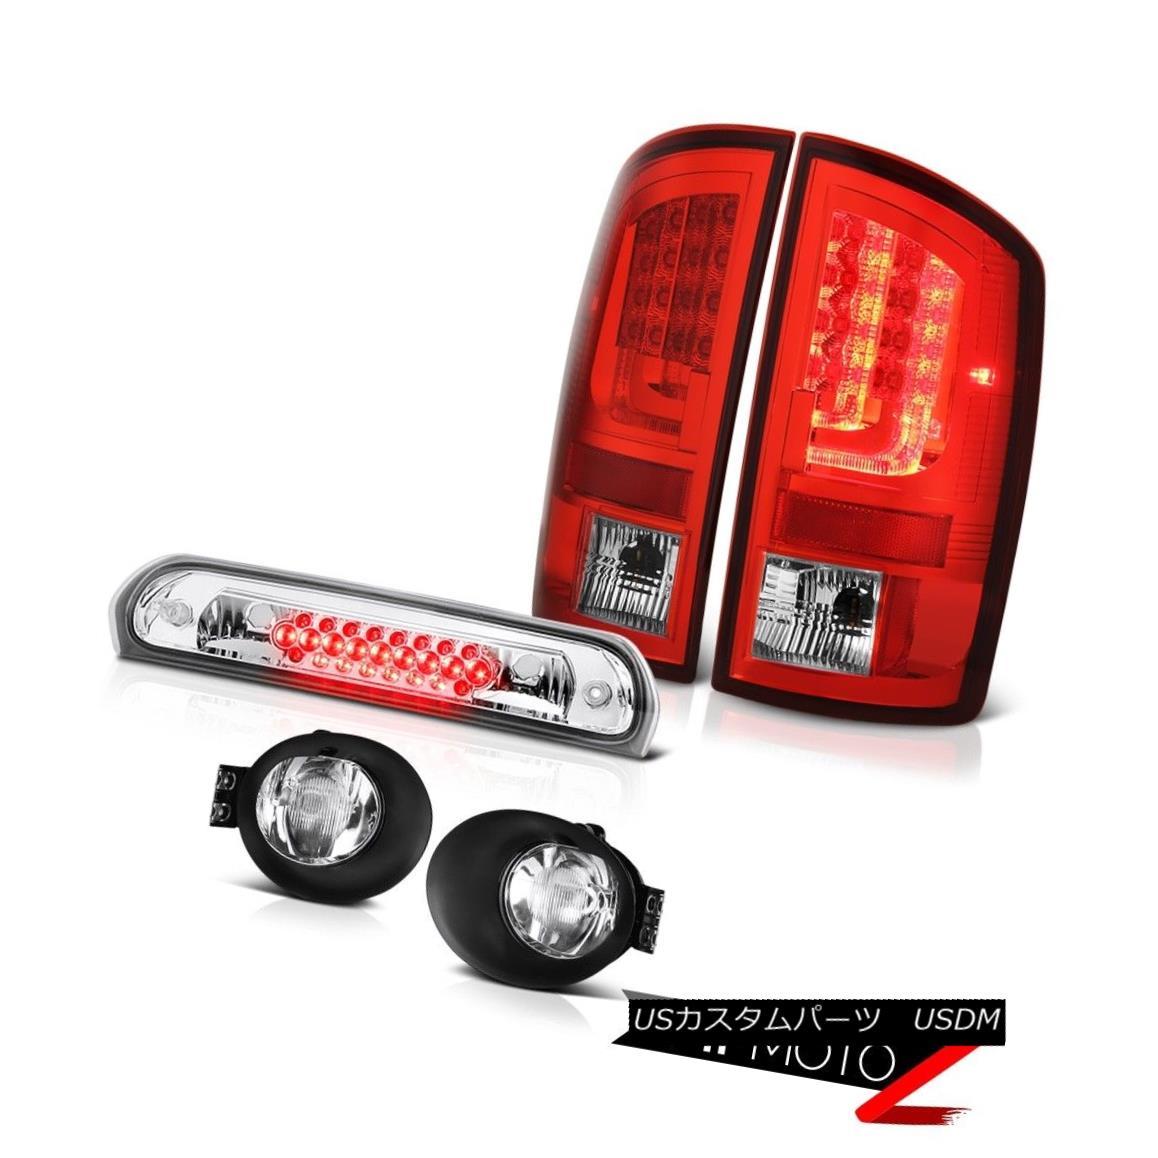 テールライト 2002-2006 Dodge Ram 1500 5.7L Tail Lights Foglamps Third Brake Lamp Tron STyle 2002-2006 Dodge Ram 1500 5.7LテールライトFoglamps第3ブレーキランプTron Style